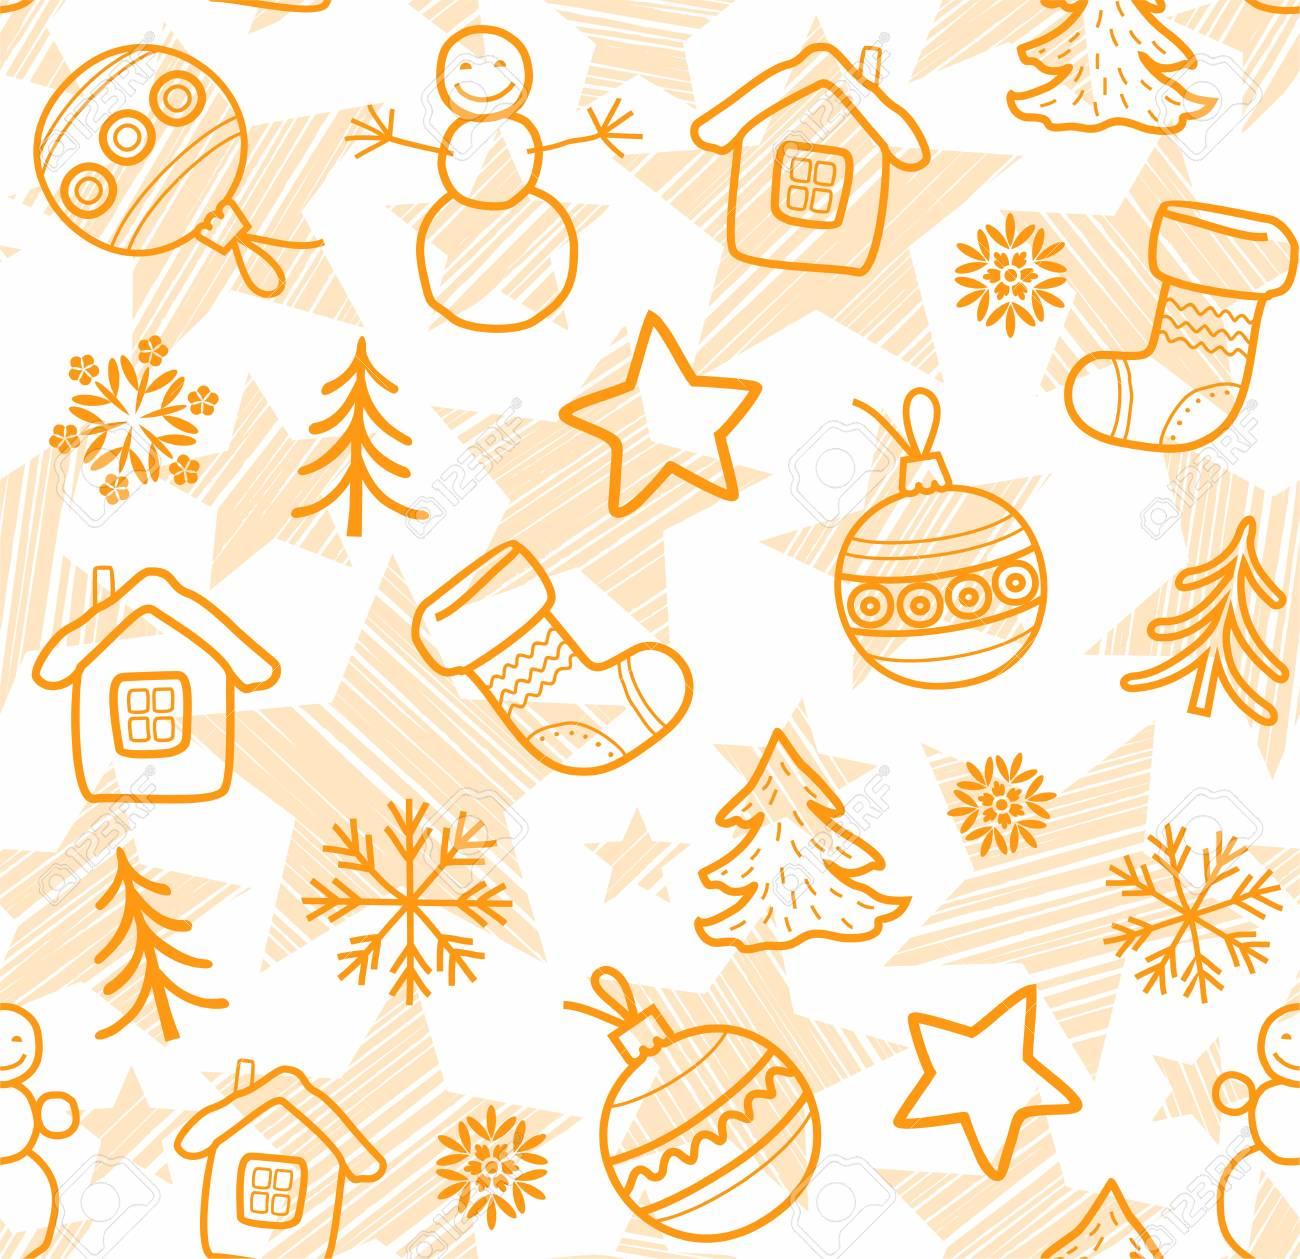 Decorazioni Di Natale Disegni.Vettoriale Decorazioni Di Natale Nei Disegni Di Contorno Arancione